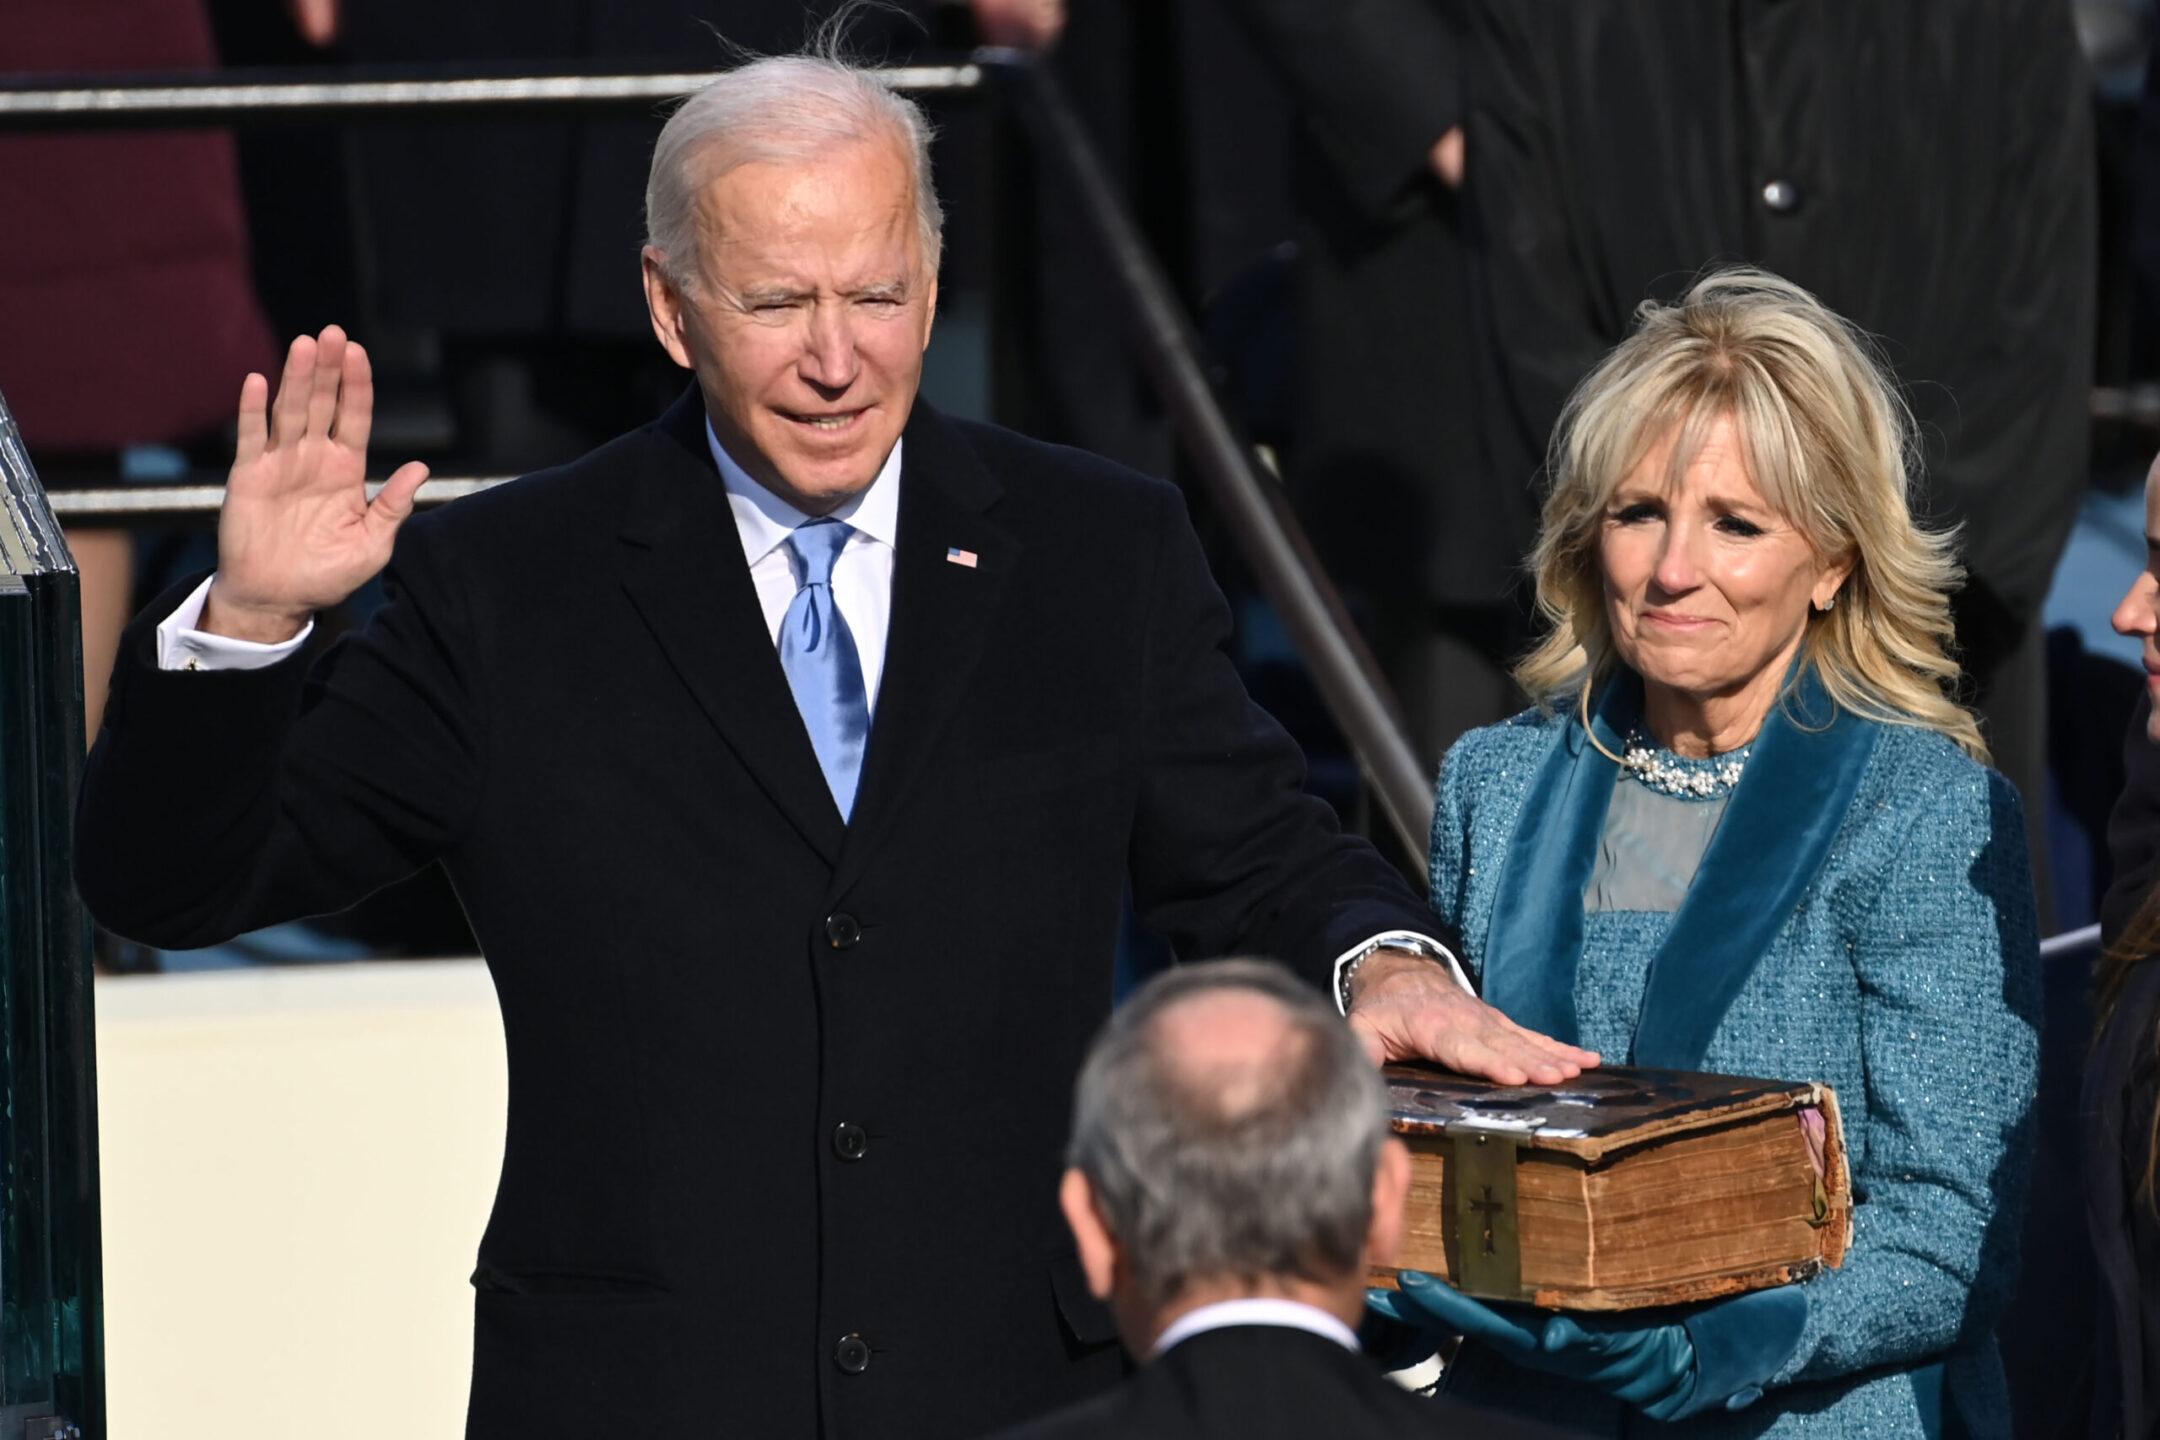 Joe Biden giuramento